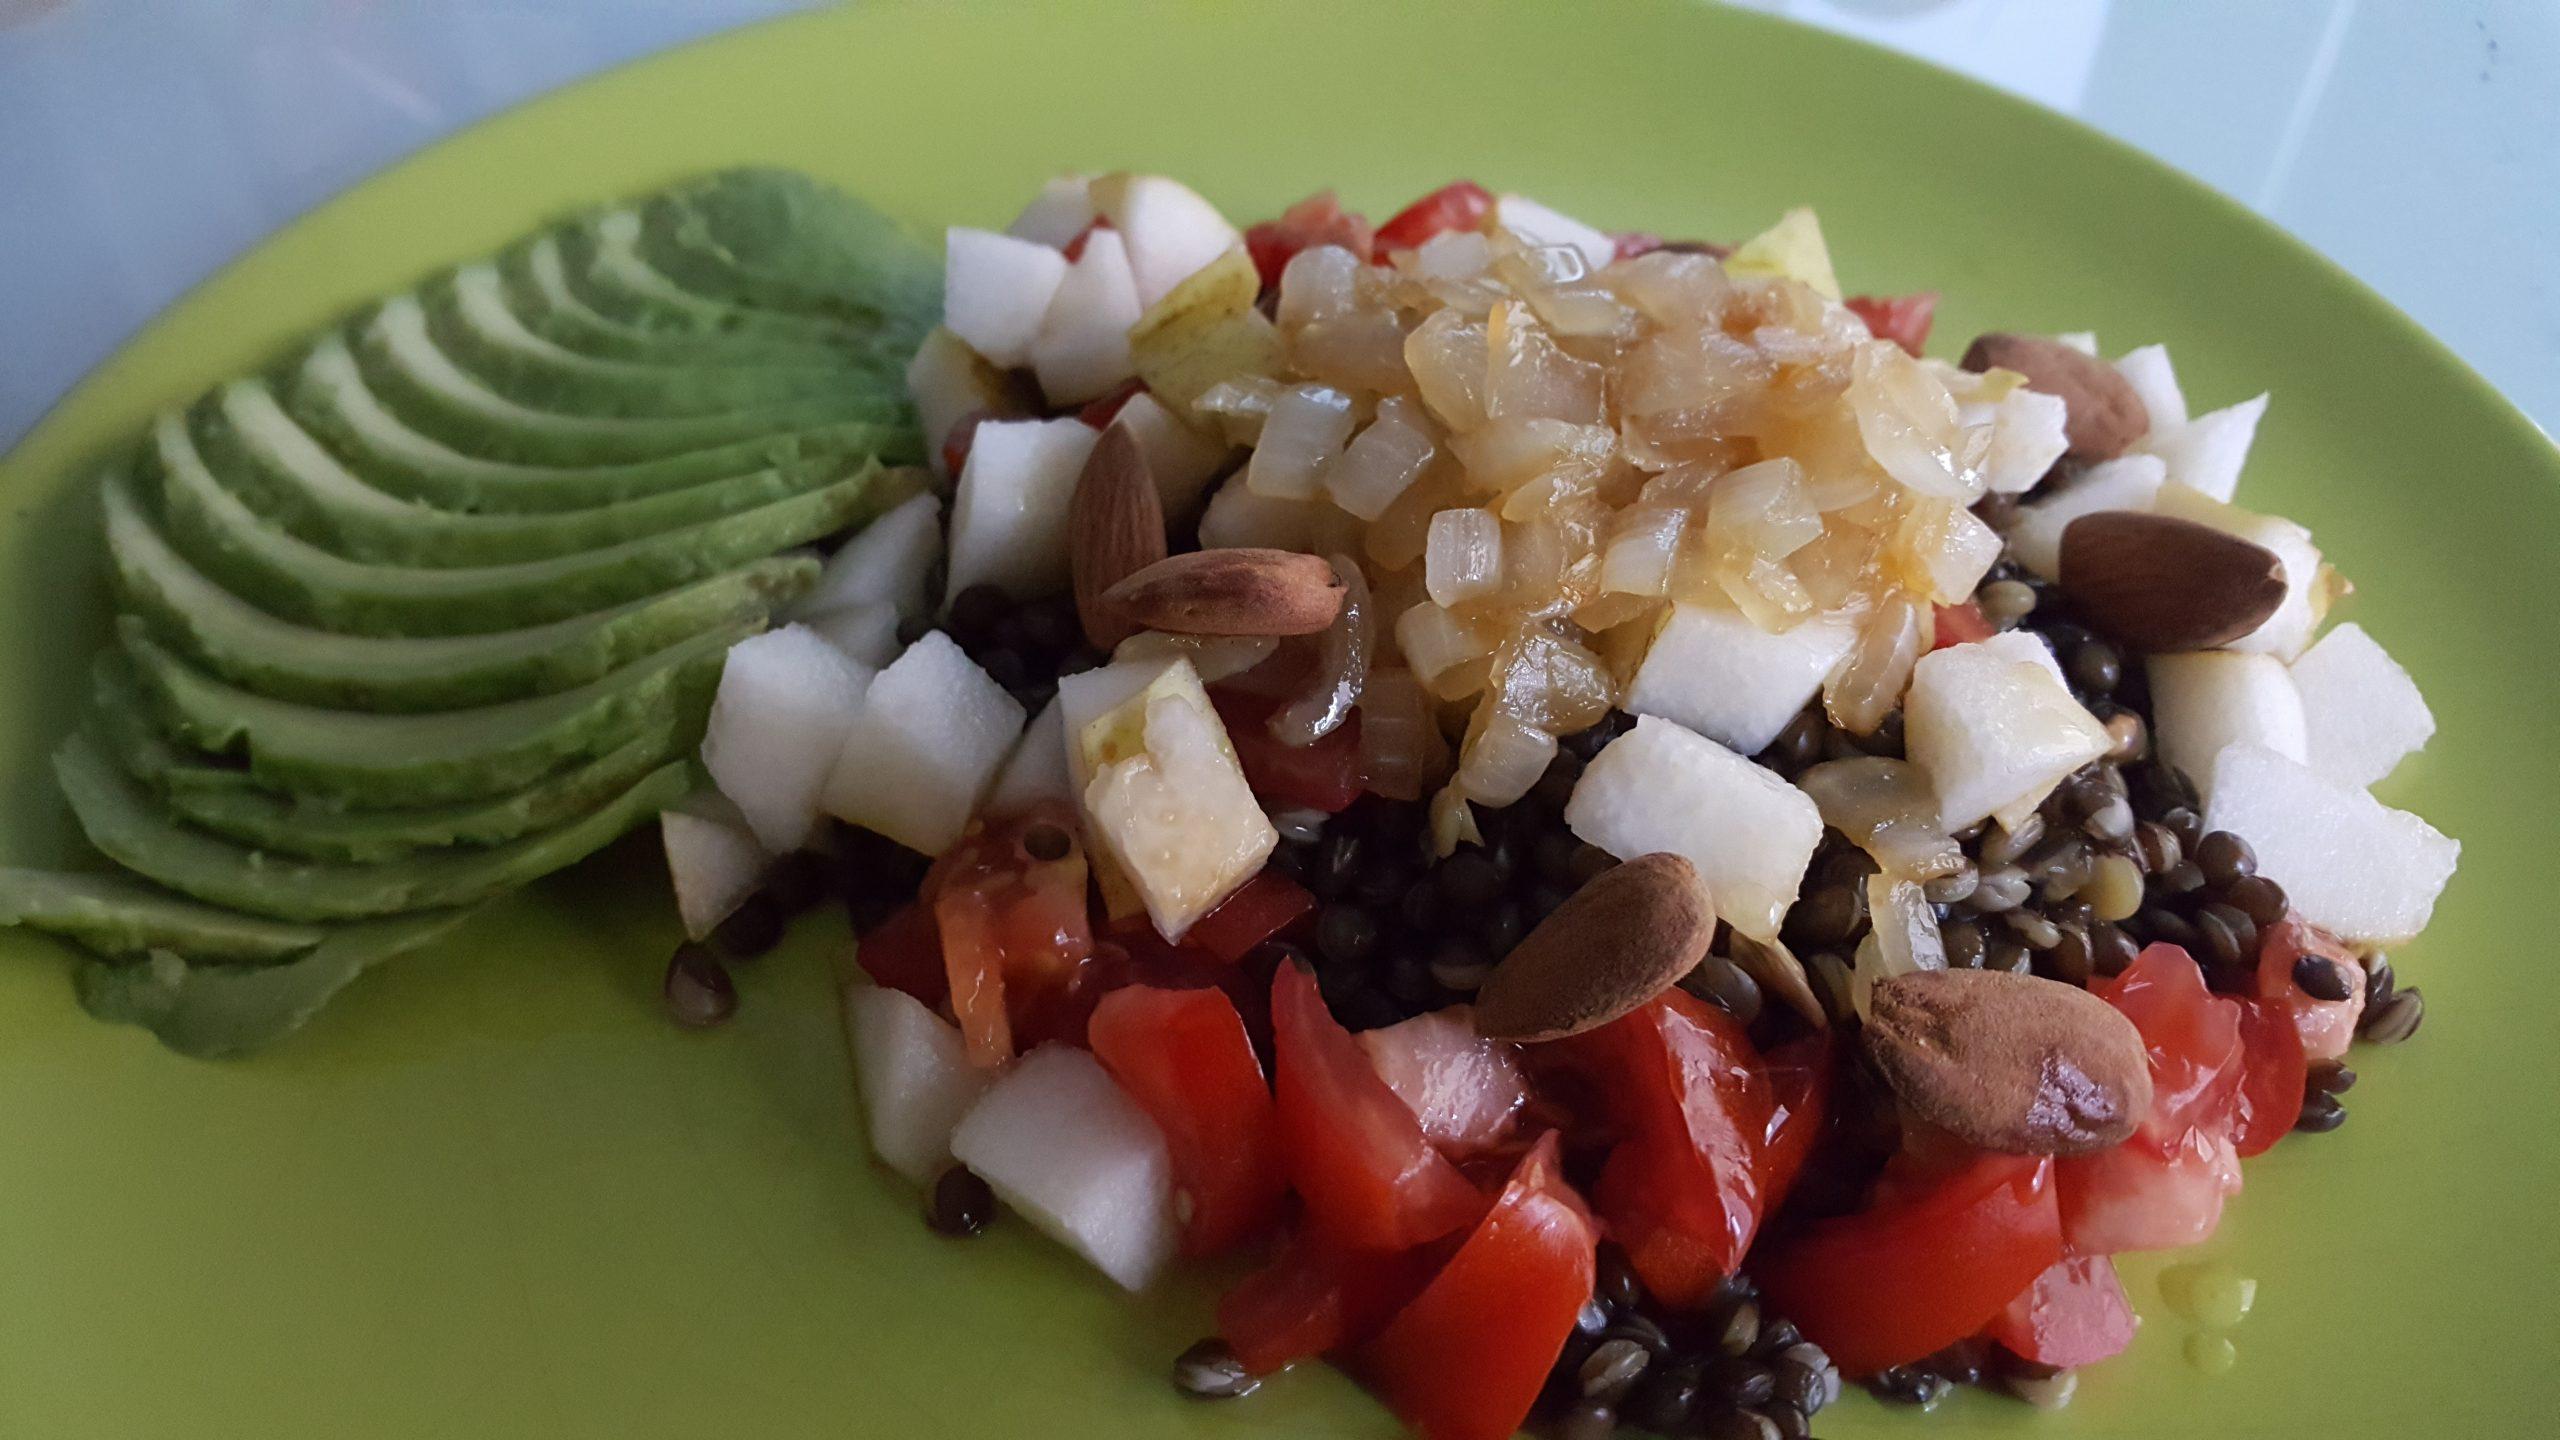 Salade de lentilles béluga, poire, avocat, tomate, amandes et oignons caramélisés